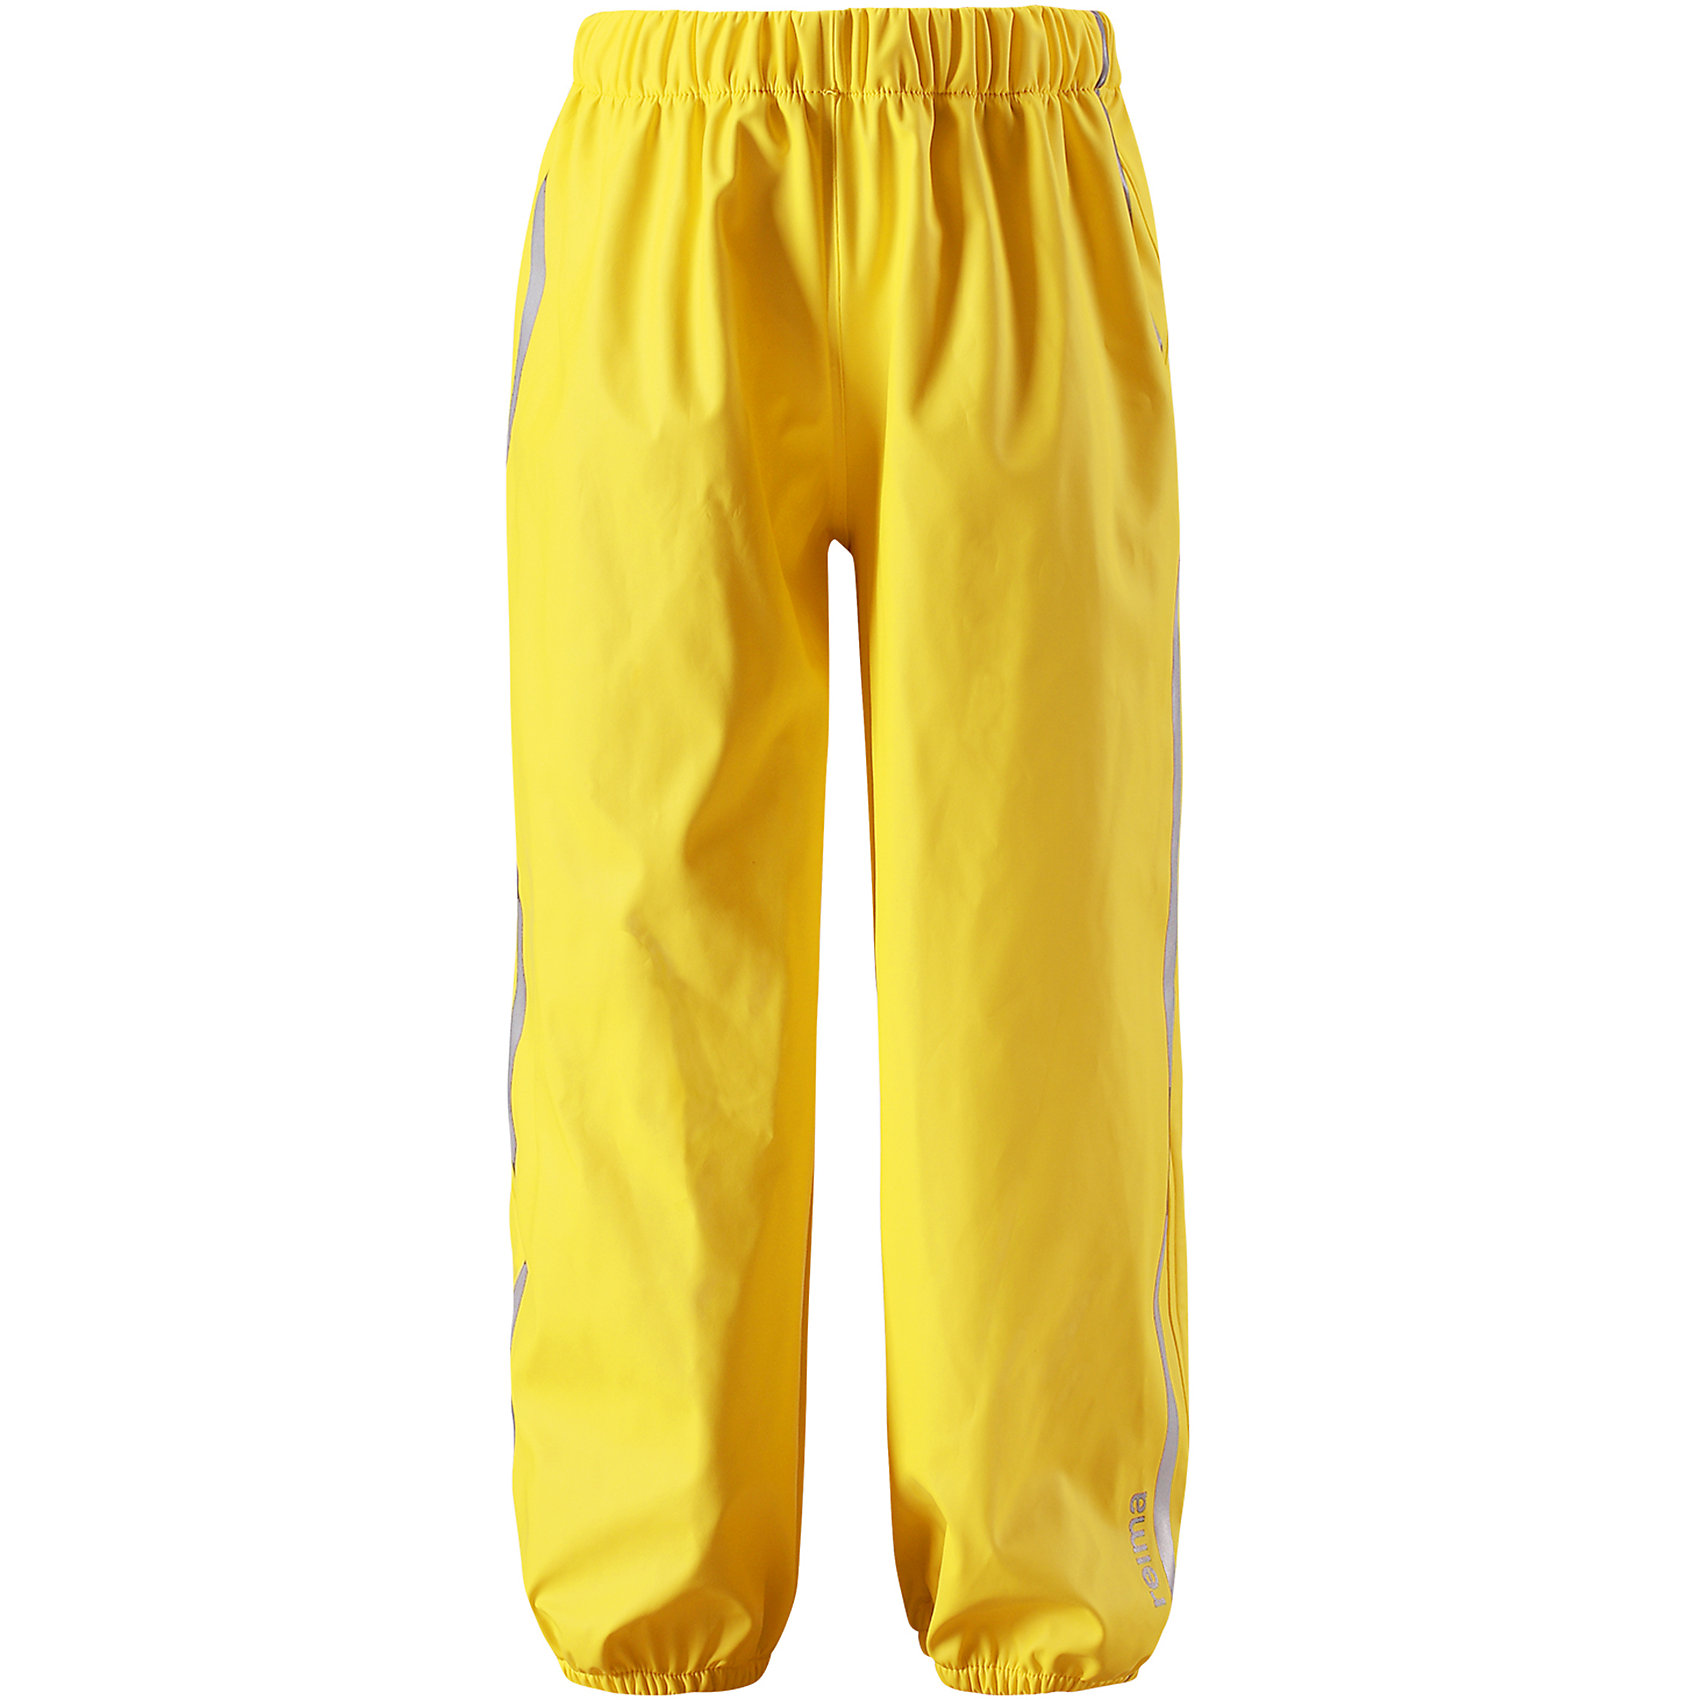 Непромокаемые брюки Oja ReimaСицилия<br>Характеристики товара:<br><br>• цвет: желтый<br>• состав: 100% полиэстер, полиуретановое покрытие<br>• температурный режим: от +10°до +20°С<br>• водонепроницаемость: 10000 мм<br>• без утеплителя<br>• эластичный материал<br>• водонепроницаемый материал с запаянными швами<br>• не содержит ПВХ<br>• эластичная талия<br>• эластичные манжеты на брючинах<br>• комфортная посадка<br>• съемные штрипки в размерах от 104 до 128 см<br>• светоотражающие детали<br>• страна производства: Китай<br>• страна бренда: Финляндия<br>• коллекция: весна-лето 2017<br><br>Демисезонные брюки помогут обеспечить ребенку комфорт и тепло. Они отлично смотрятся с различным верхом. Изделие удобно сидит и модно выглядит. Материал отлично подходит для дождливой погоды. Стильный дизайн разрабатывался специально для детей.<br><br>Обувь и одежда от финского бренда Reima пользуются популярностью во многих странах. Они стильные, качественные и удобные. Для производства продукции используются только безопасные, проверенные материалы и фурнитура. Порадуйте ребенка модными и красивыми вещами от Lassie®! <br><br>Брюки от финского бренда Reima (Рейма) можно купить в нашем интернет-магазине.<br><br>Ширина мм: 215<br>Глубина мм: 88<br>Высота мм: 191<br>Вес г: 336<br>Цвет: желтый<br>Возраст от месяцев: 108<br>Возраст до месяцев: 120<br>Пол: Унисекс<br>Возраст: Детский<br>Размер: 140,134,128,122,116,110,104<br>SKU: 5268250